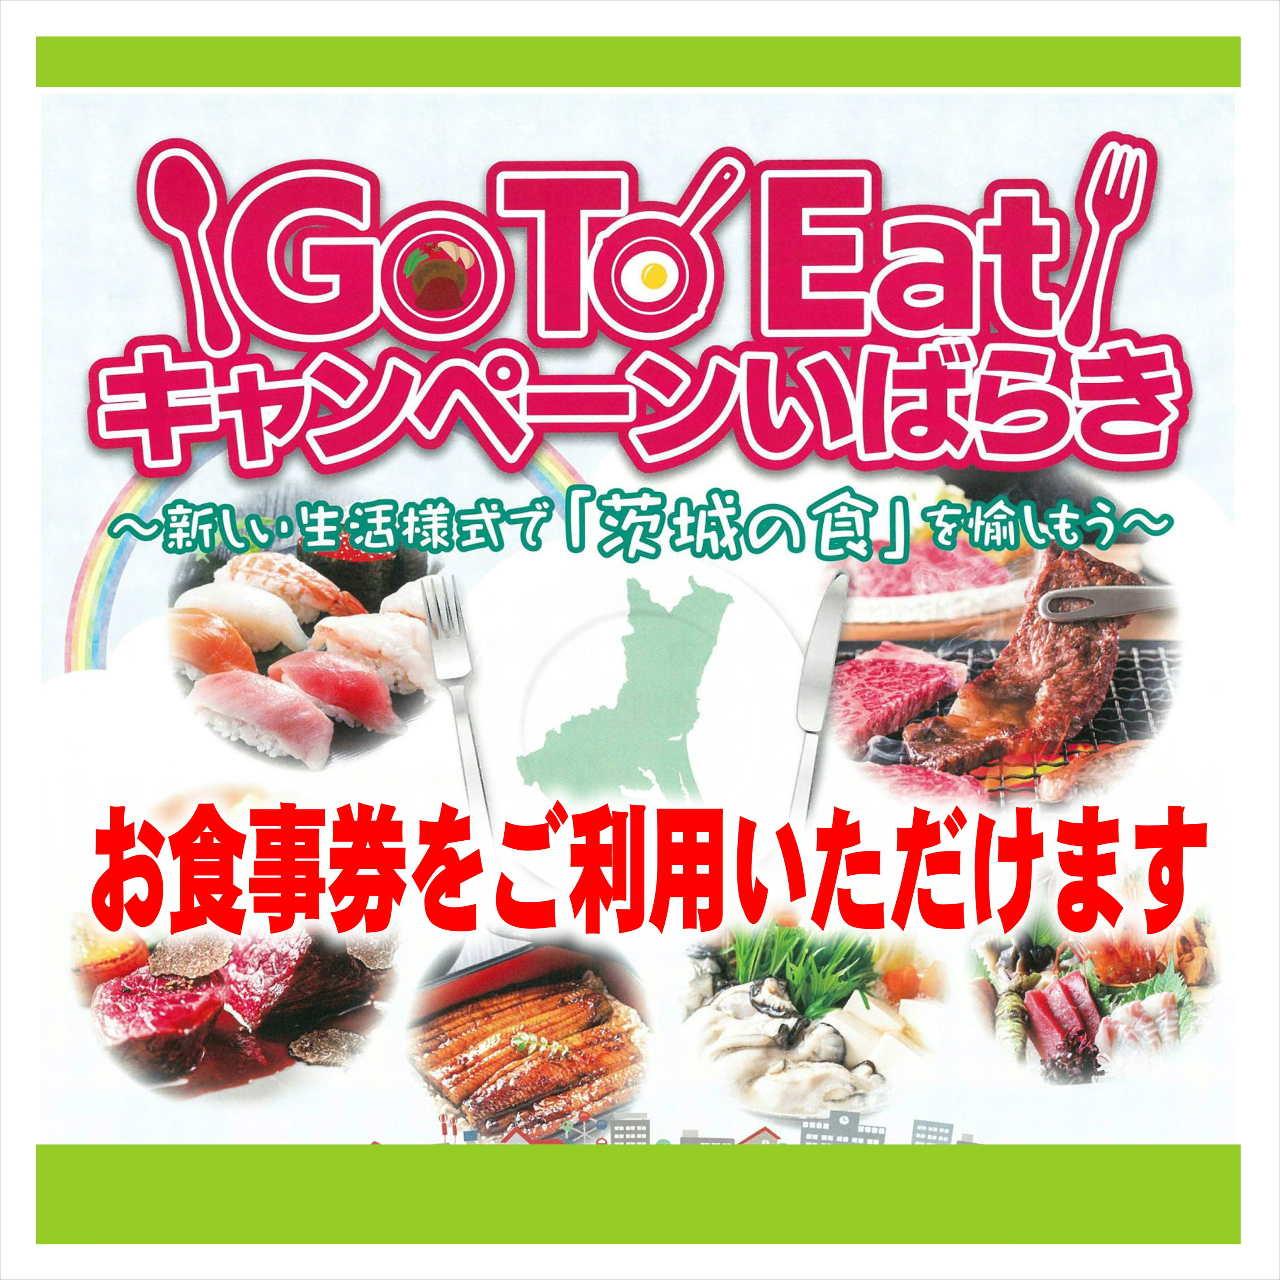 【Go To Eatキャンペーンいばらき食事券】取り扱いしております